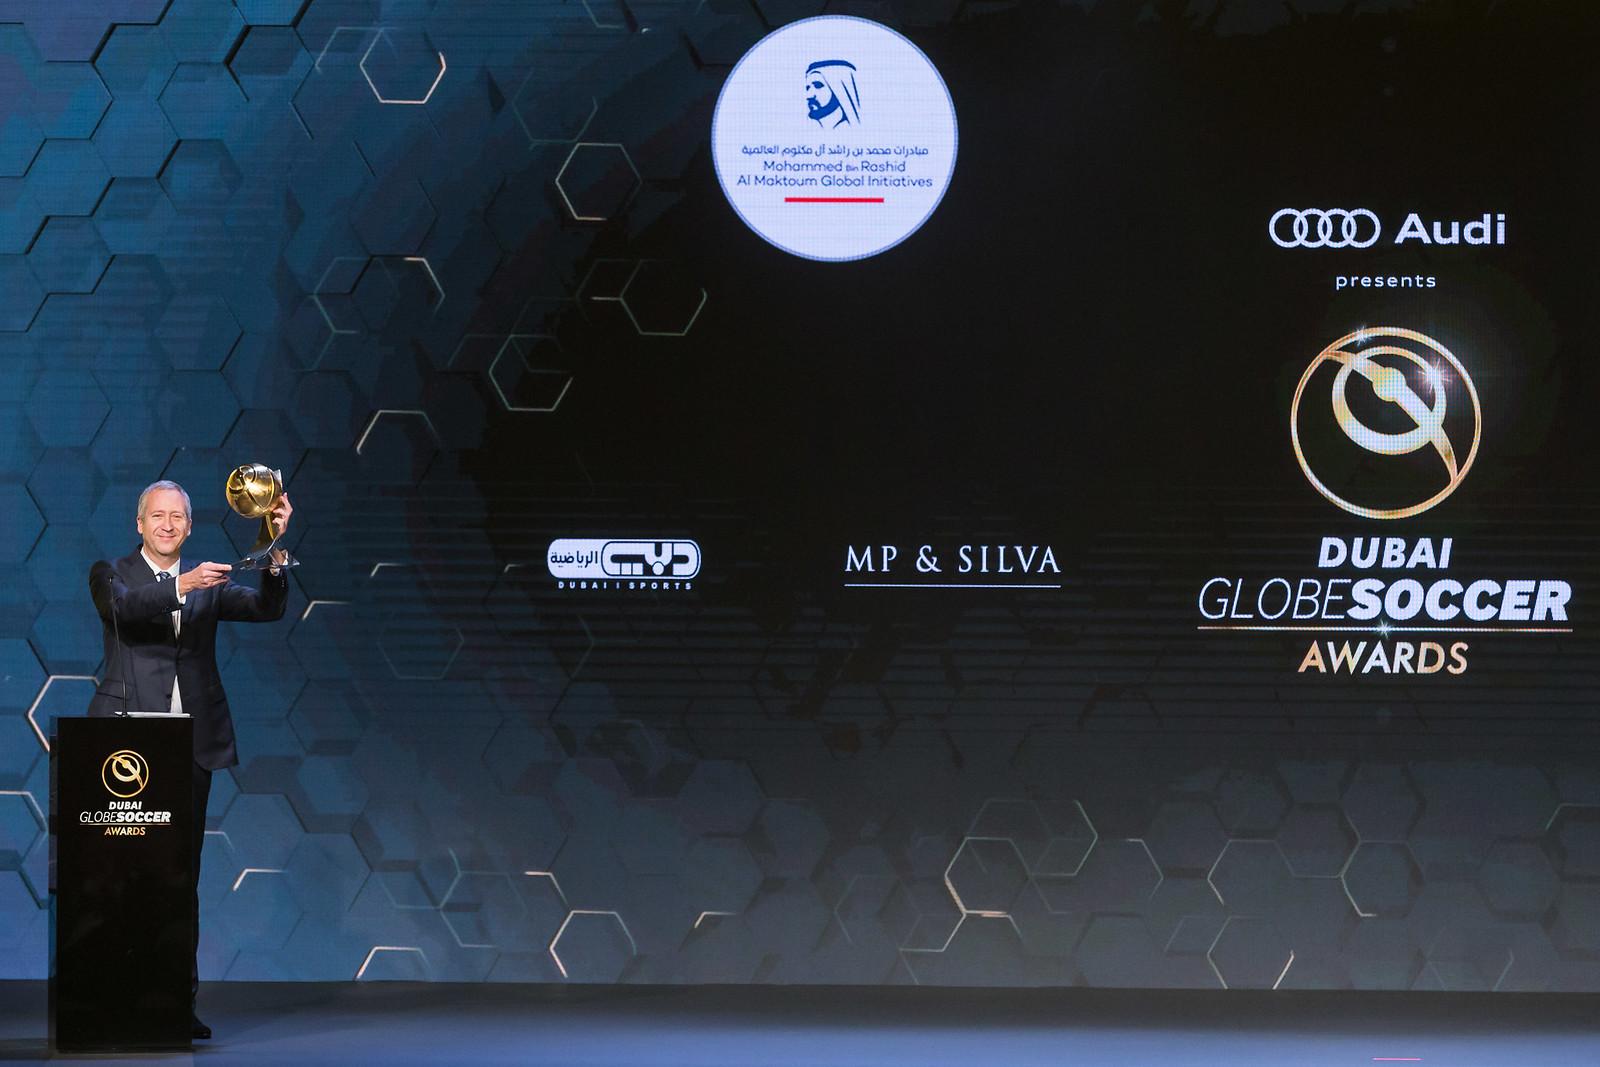 Globe Soccer Awards 0201